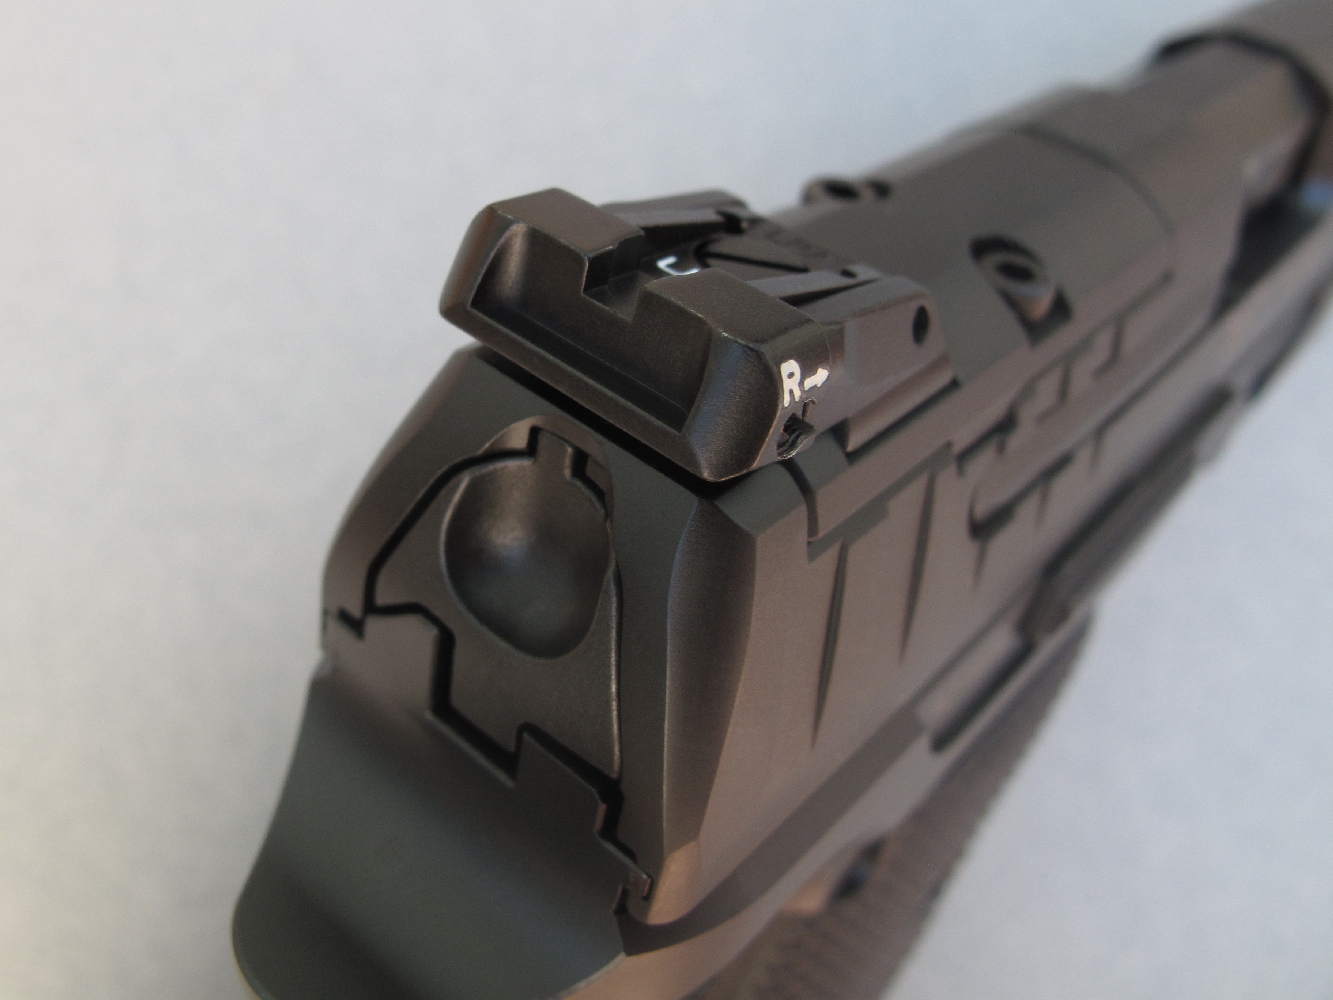 Ce pistolet reçoit une hausse de la firme italienne LPA, réglable en site et en azimut, dont on notera que le cran de mire très ouvert a pour but de privilégier le tir rapide.